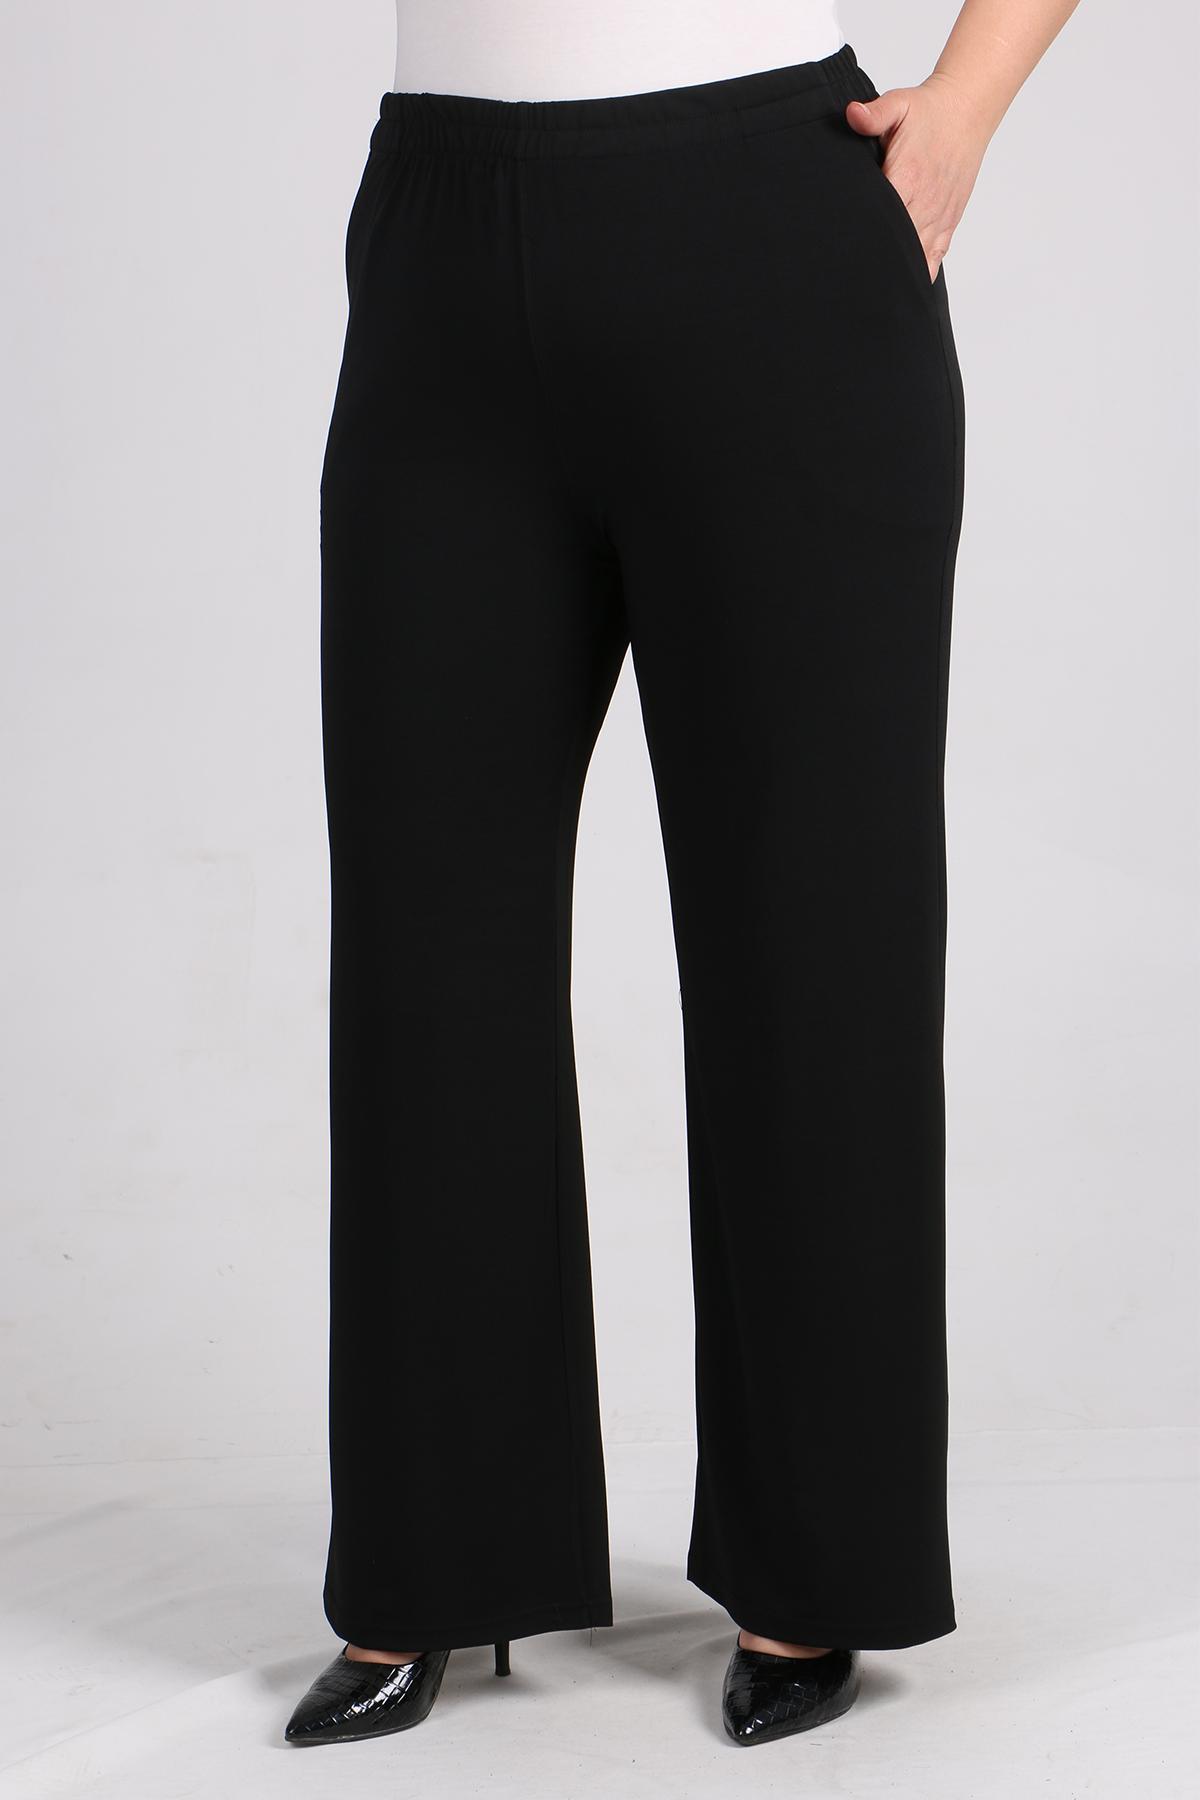 7640 Büyük Beden Parlak Biyeli Sandy Pantalonlu Takım-Siyah